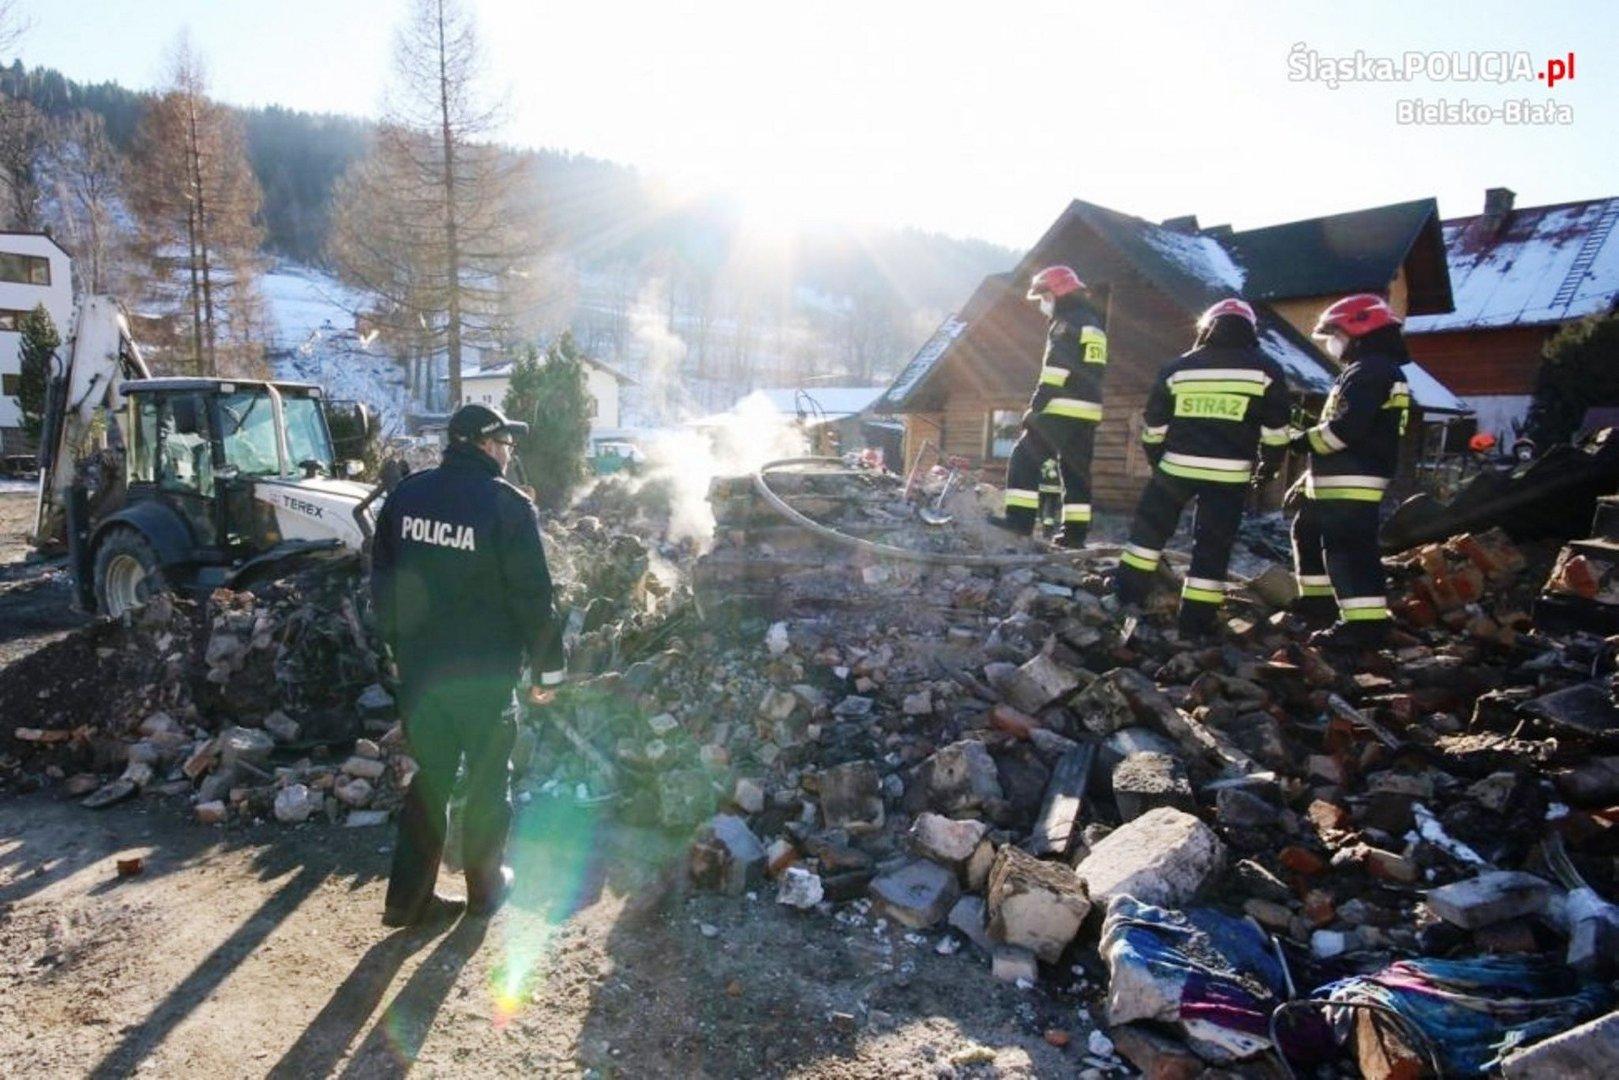 Tragedia w Szczyrku. Prokuratura potwierdza, że jest związek między pracami ziemnymi a wybuchem